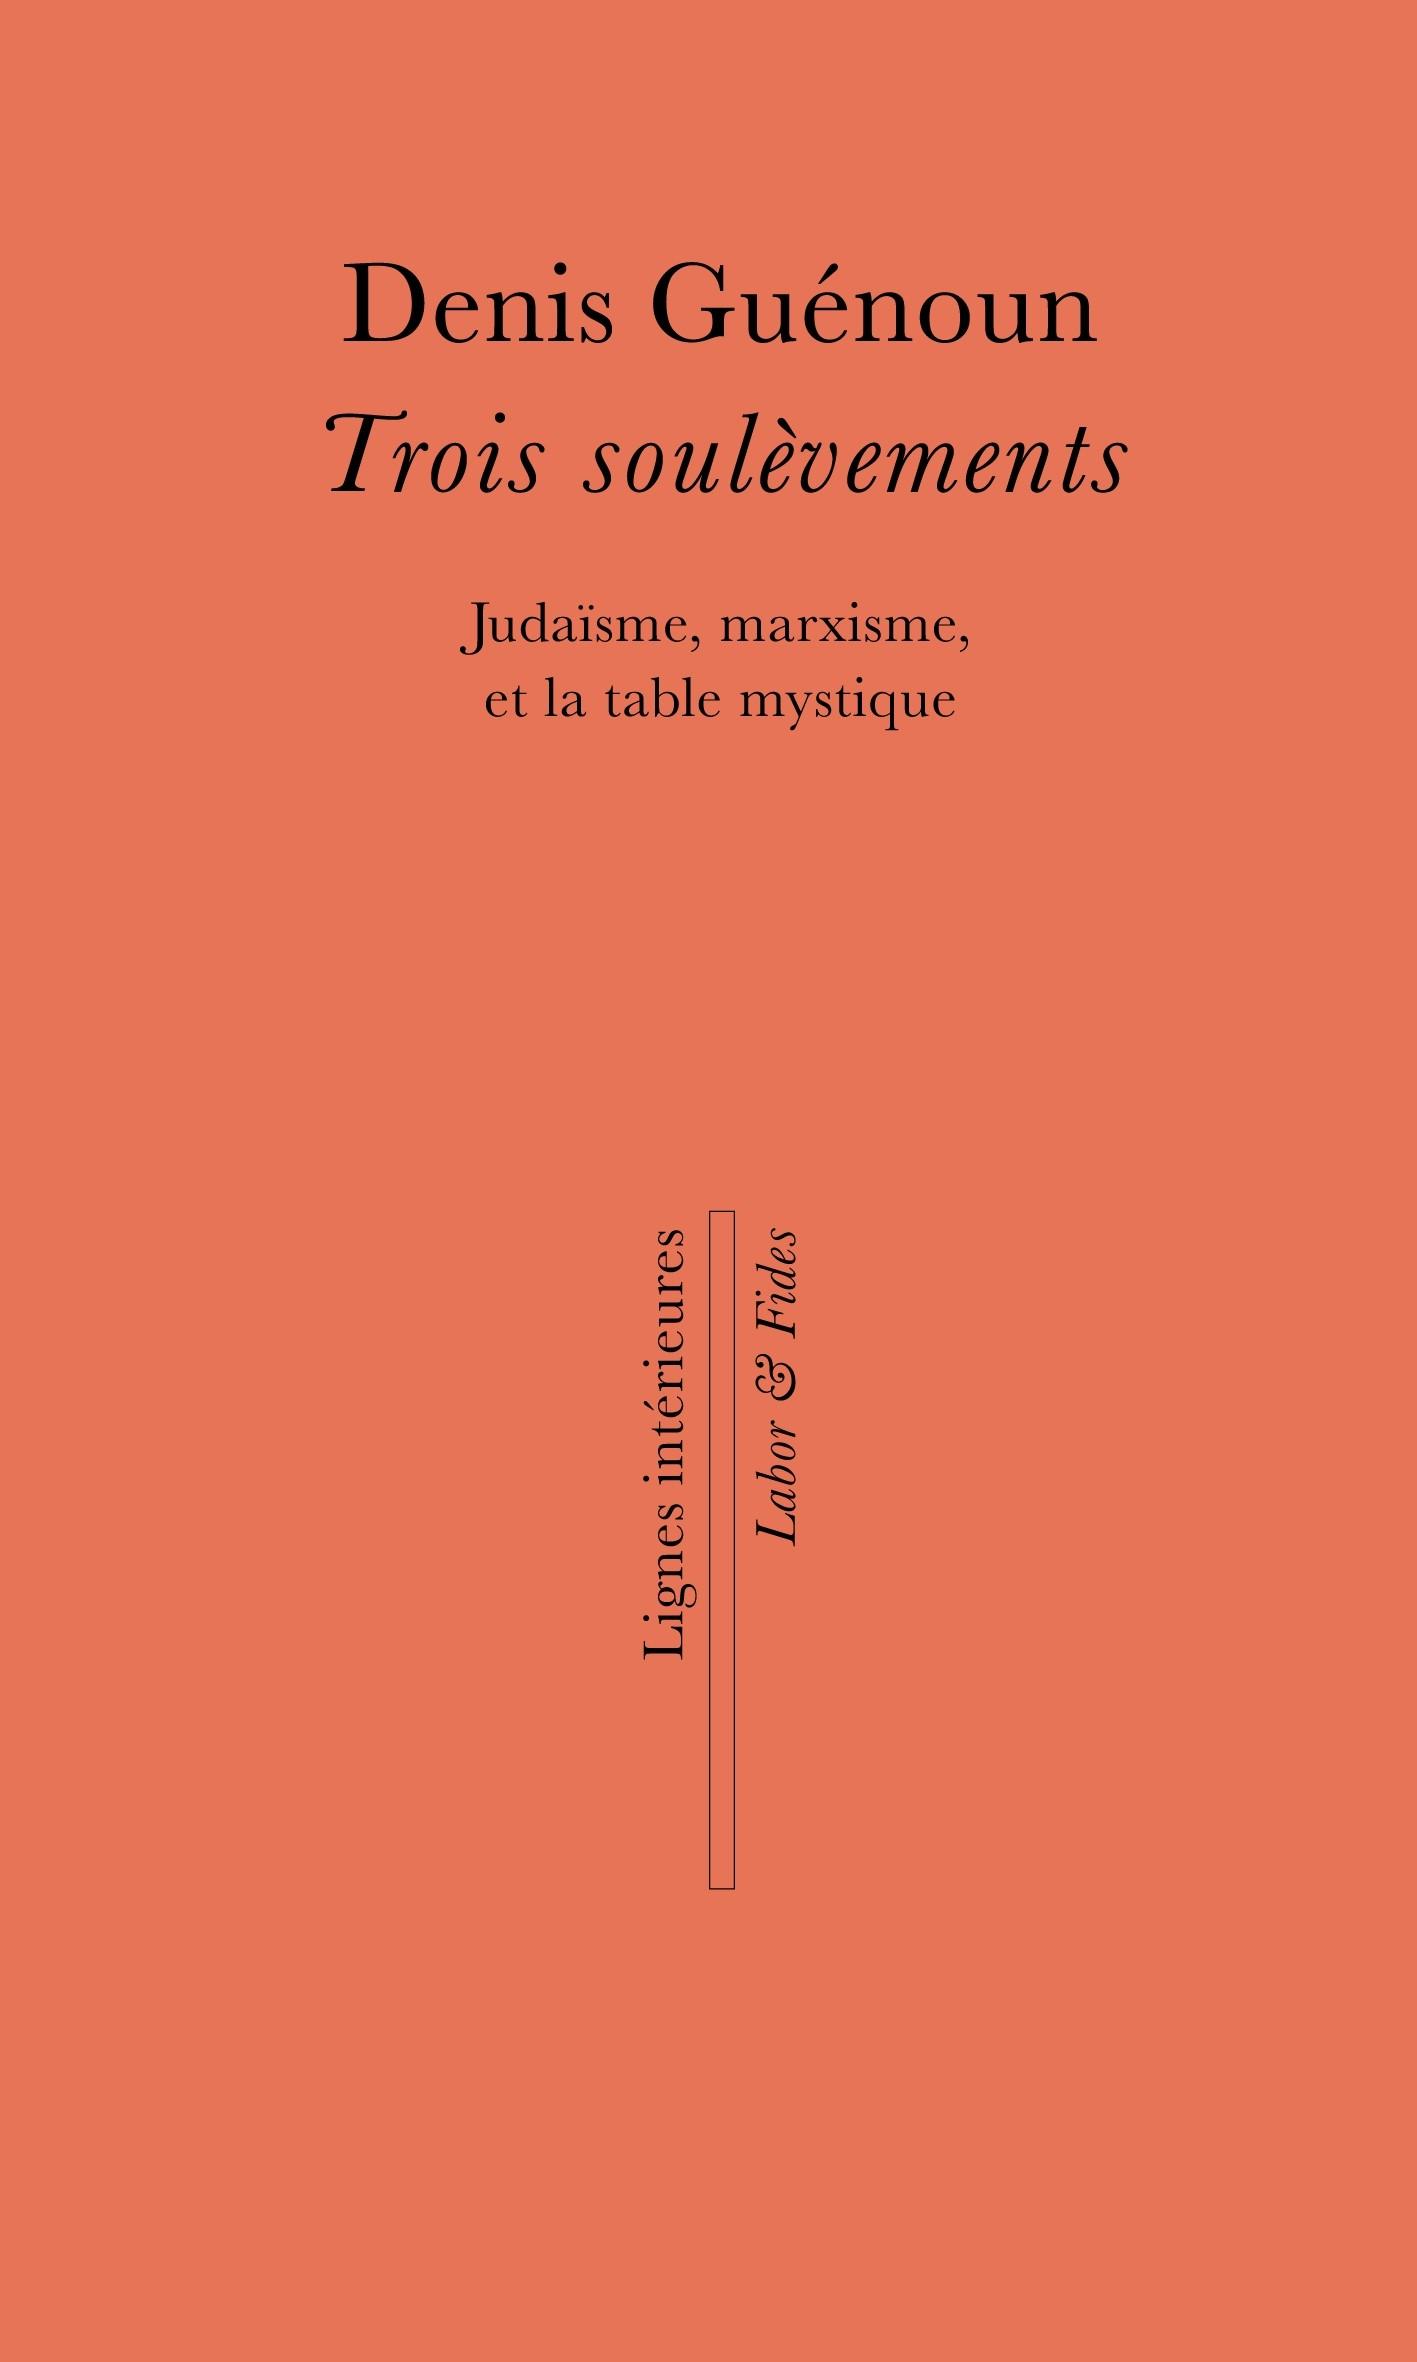 Rencontre avec D. Guénoun à l'occasion de la parution de Trois soulèvements (Genève)